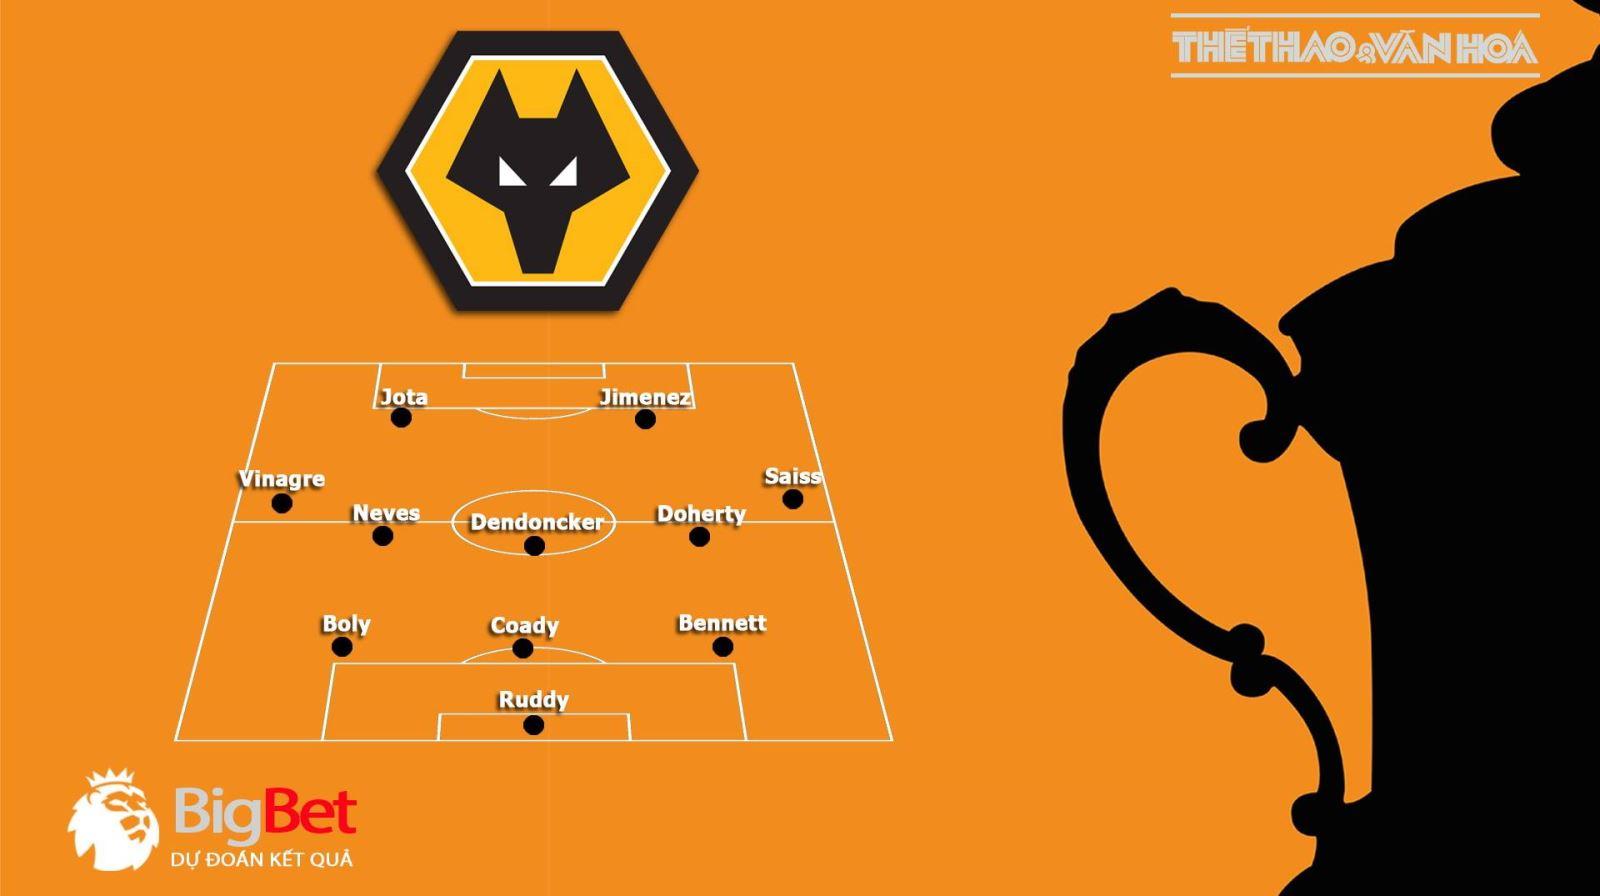 trực tiếp bóng đá SSPORT, Wolves vs MU, Wolverhampton vs Manchester United, soi kèo Wolves vs MU, kèo bóng đá, truc tiep bong da, MU, FA Cup, nhận định Wolves vs MU